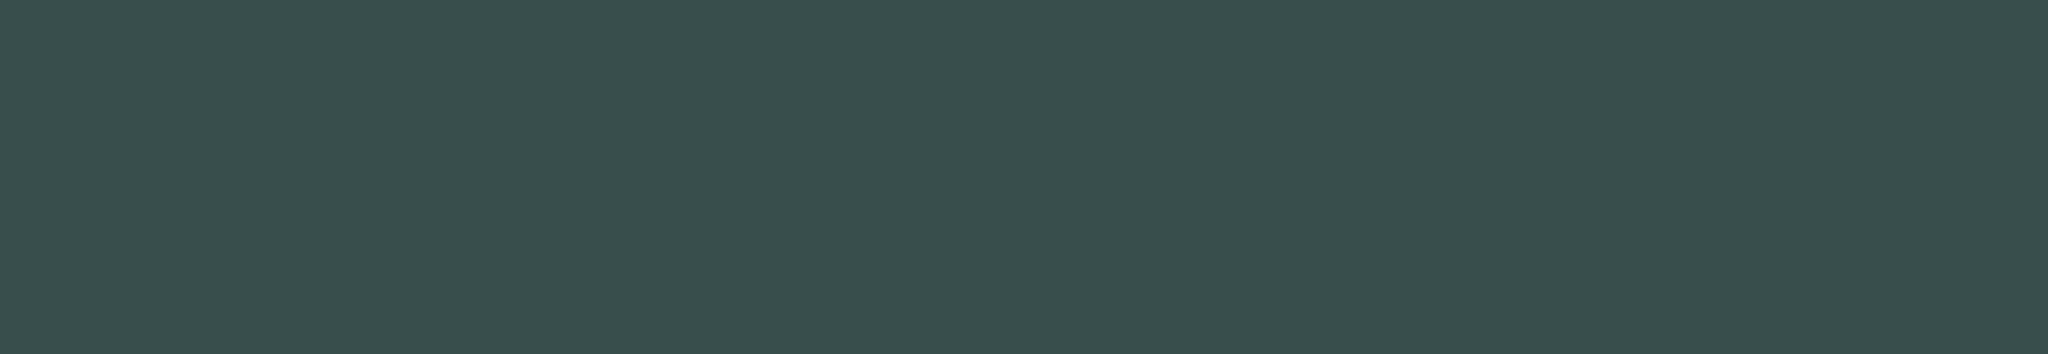 株式会社 高橋歯科技専